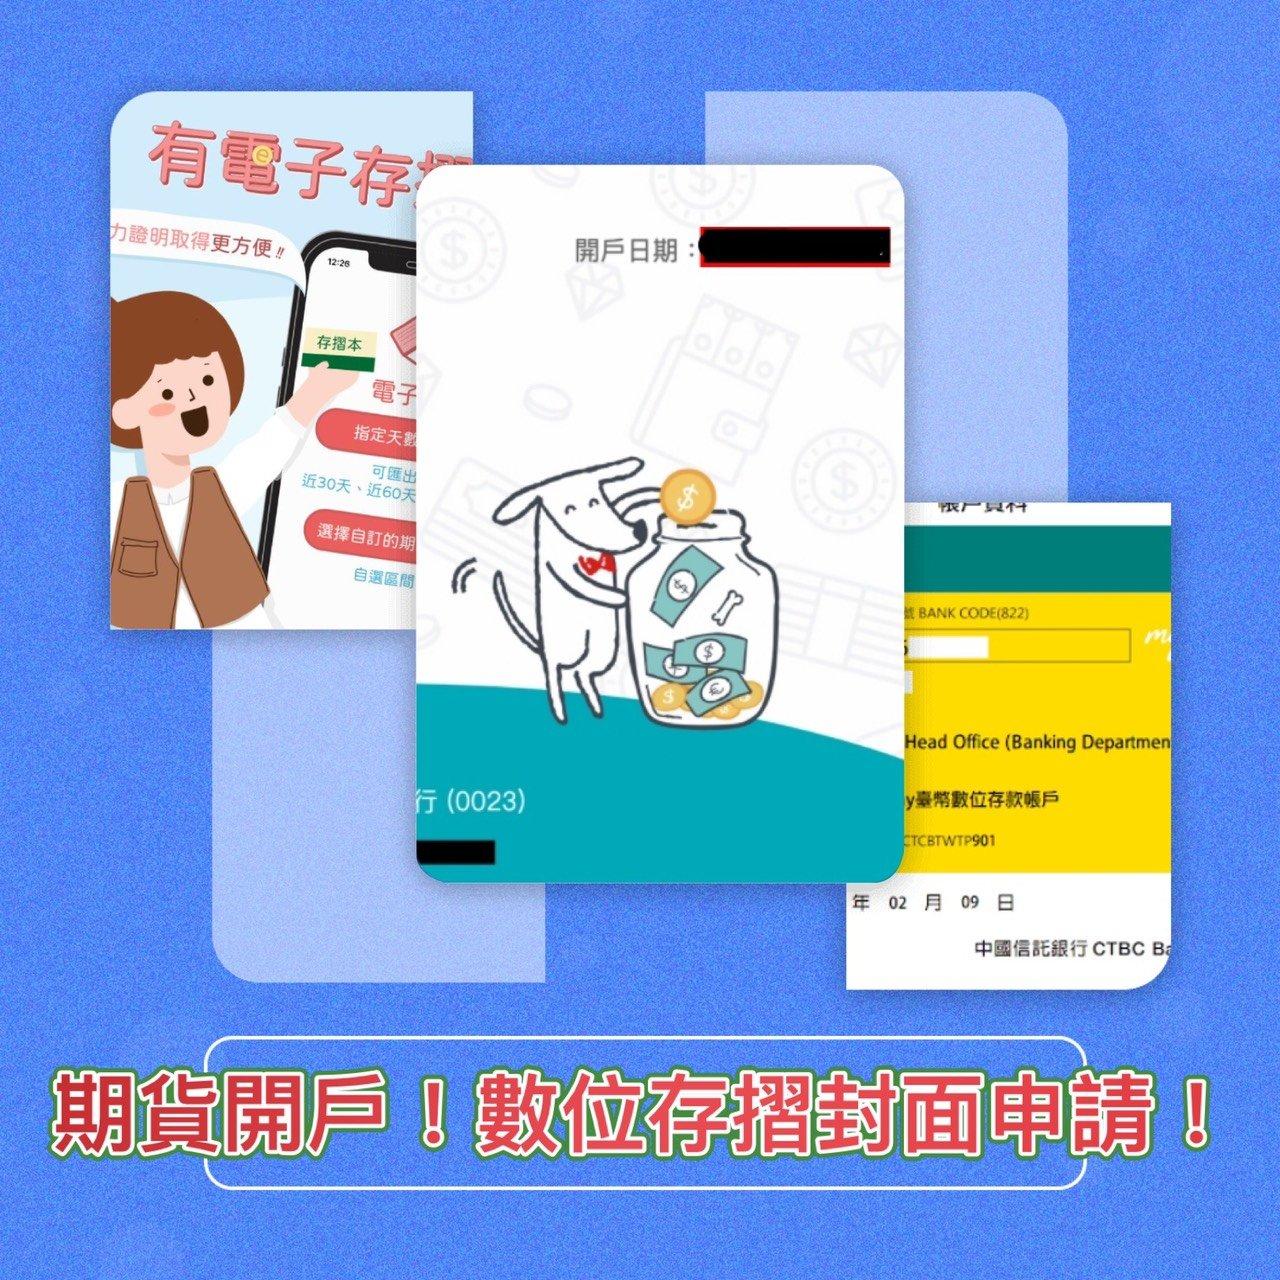 期貨開戶可以用數位帳戶嗎?如何申請數位銀行封面